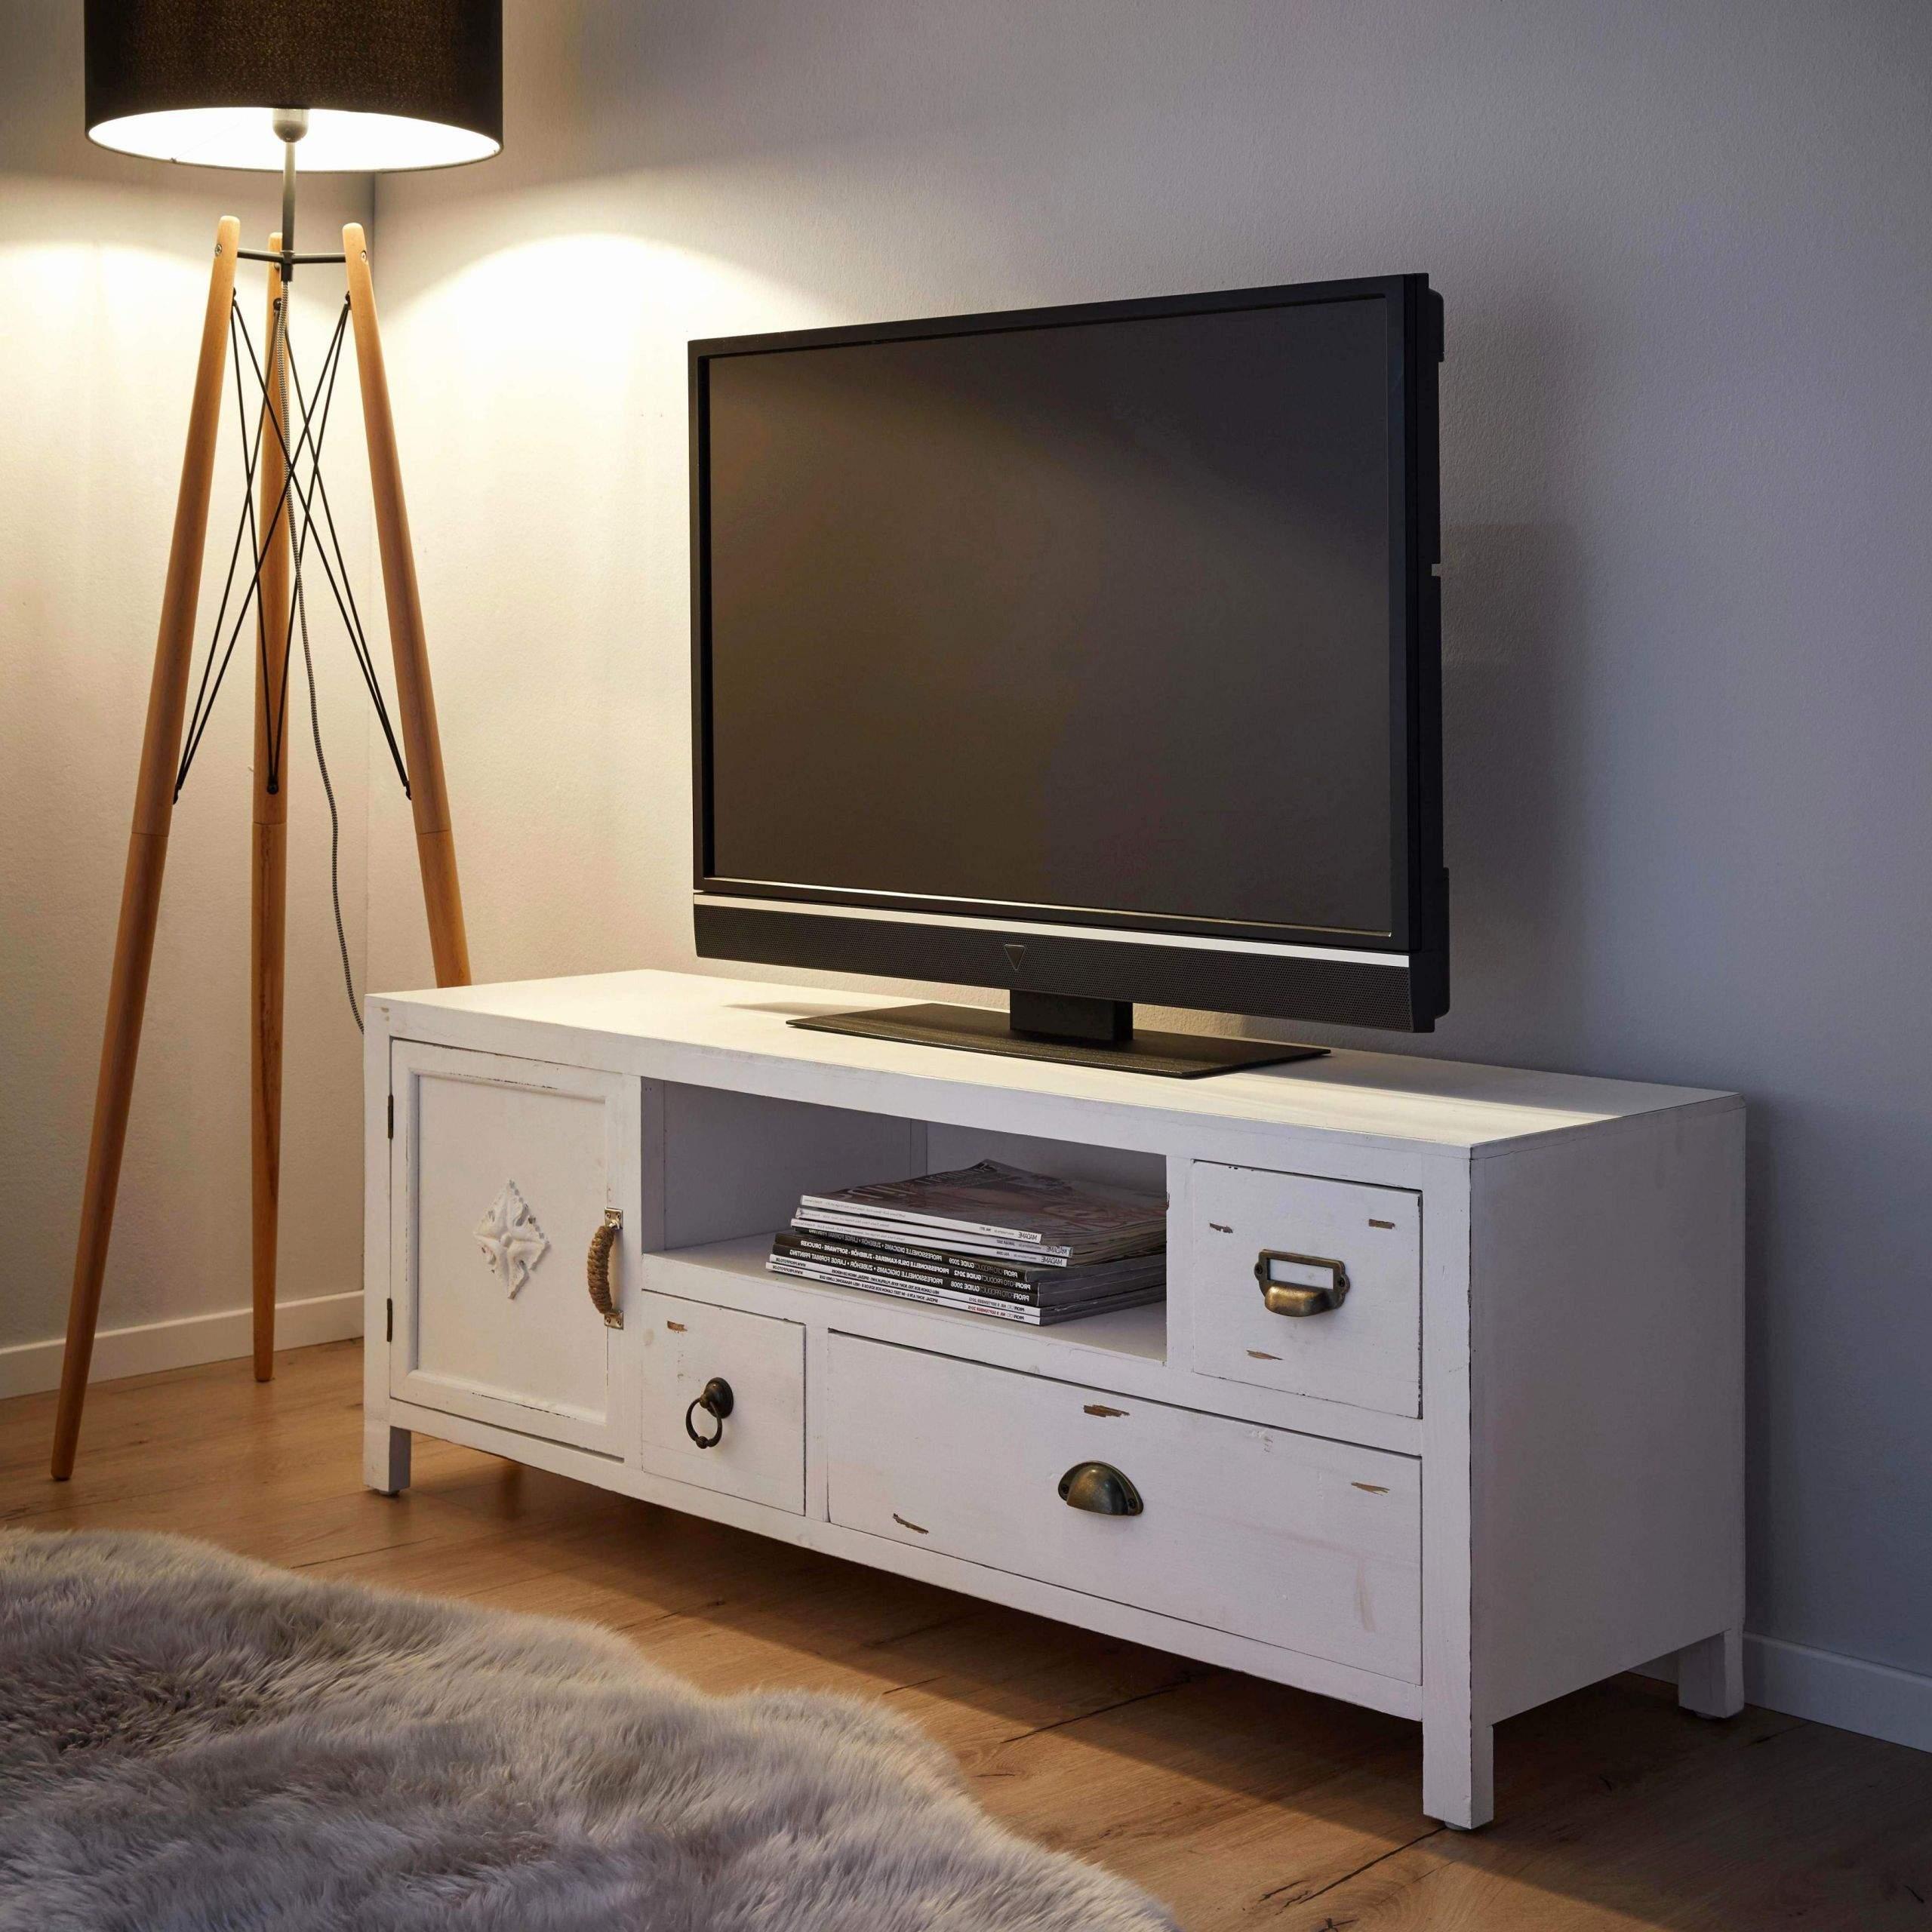 wohnzimmer retro frisch tv lowboard ascoli sideboard wohnzimmer tv of wohnzimmer retro scaled